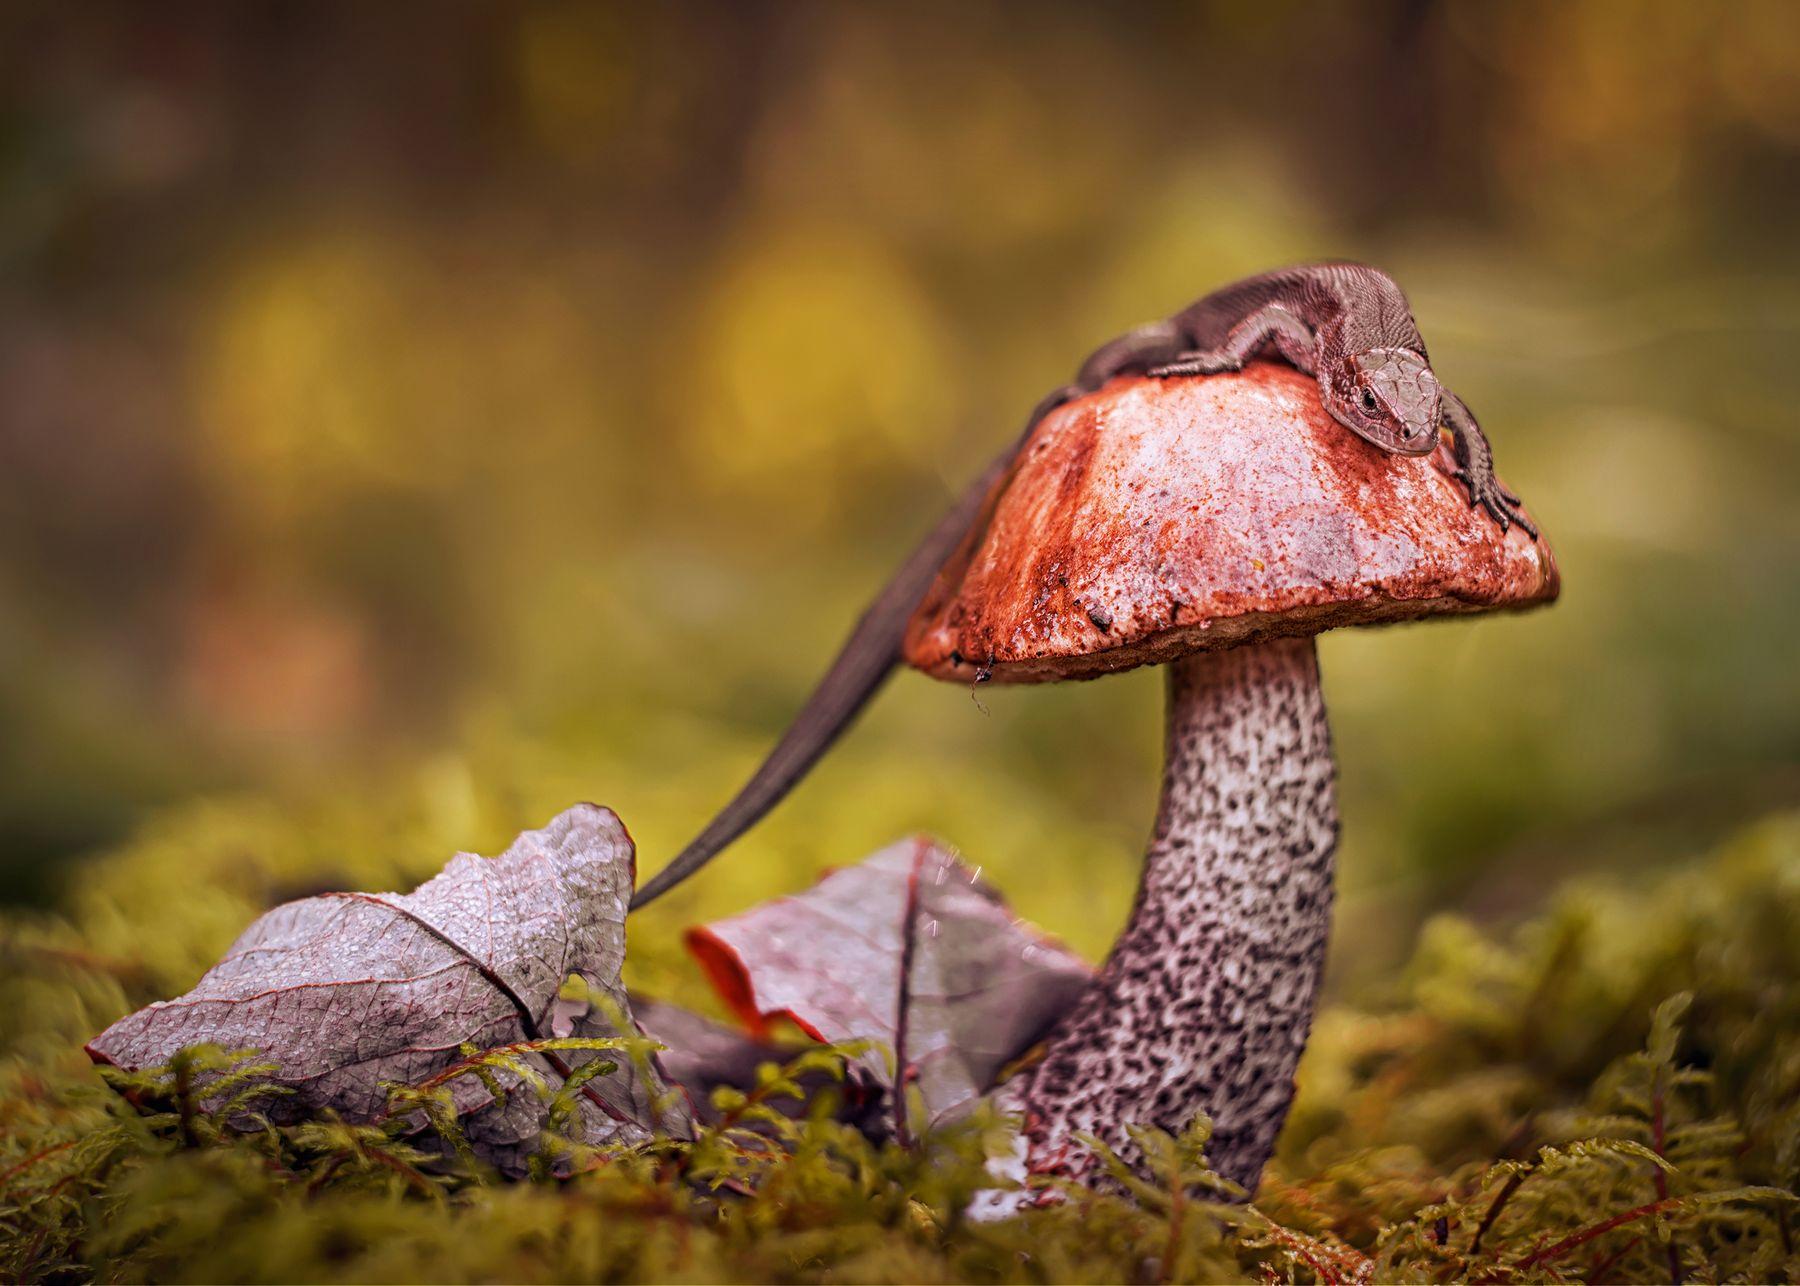 наблюдательный пункт ящерица природа лес макро гриб лист